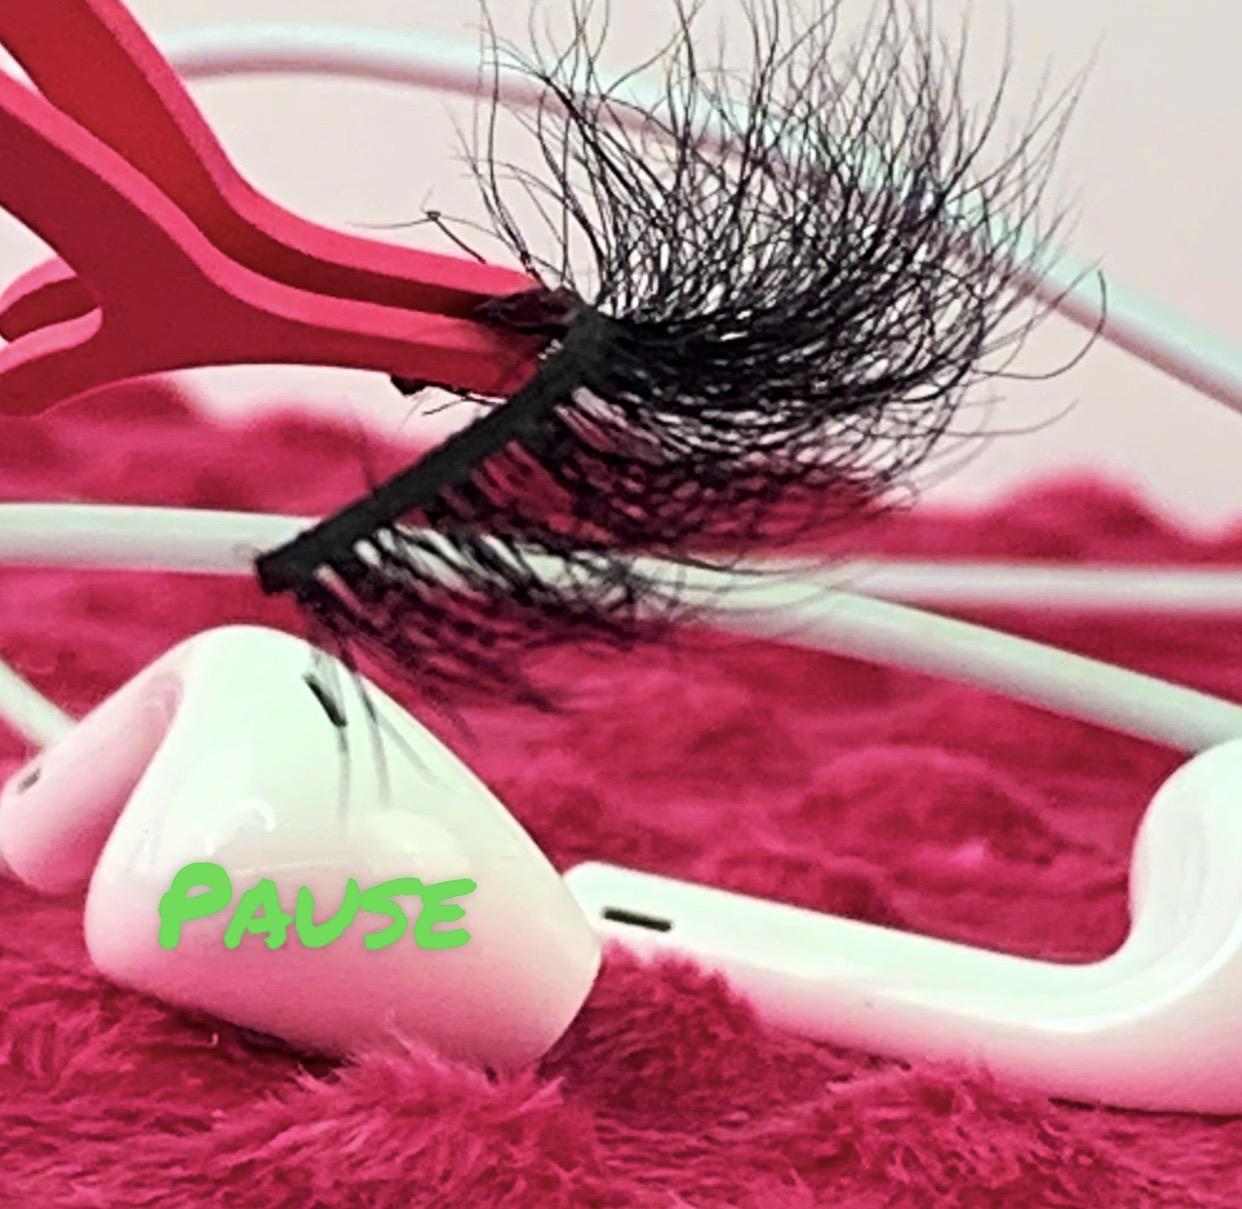 Thumbnail: MIX TAPE LASH (PAUSE)